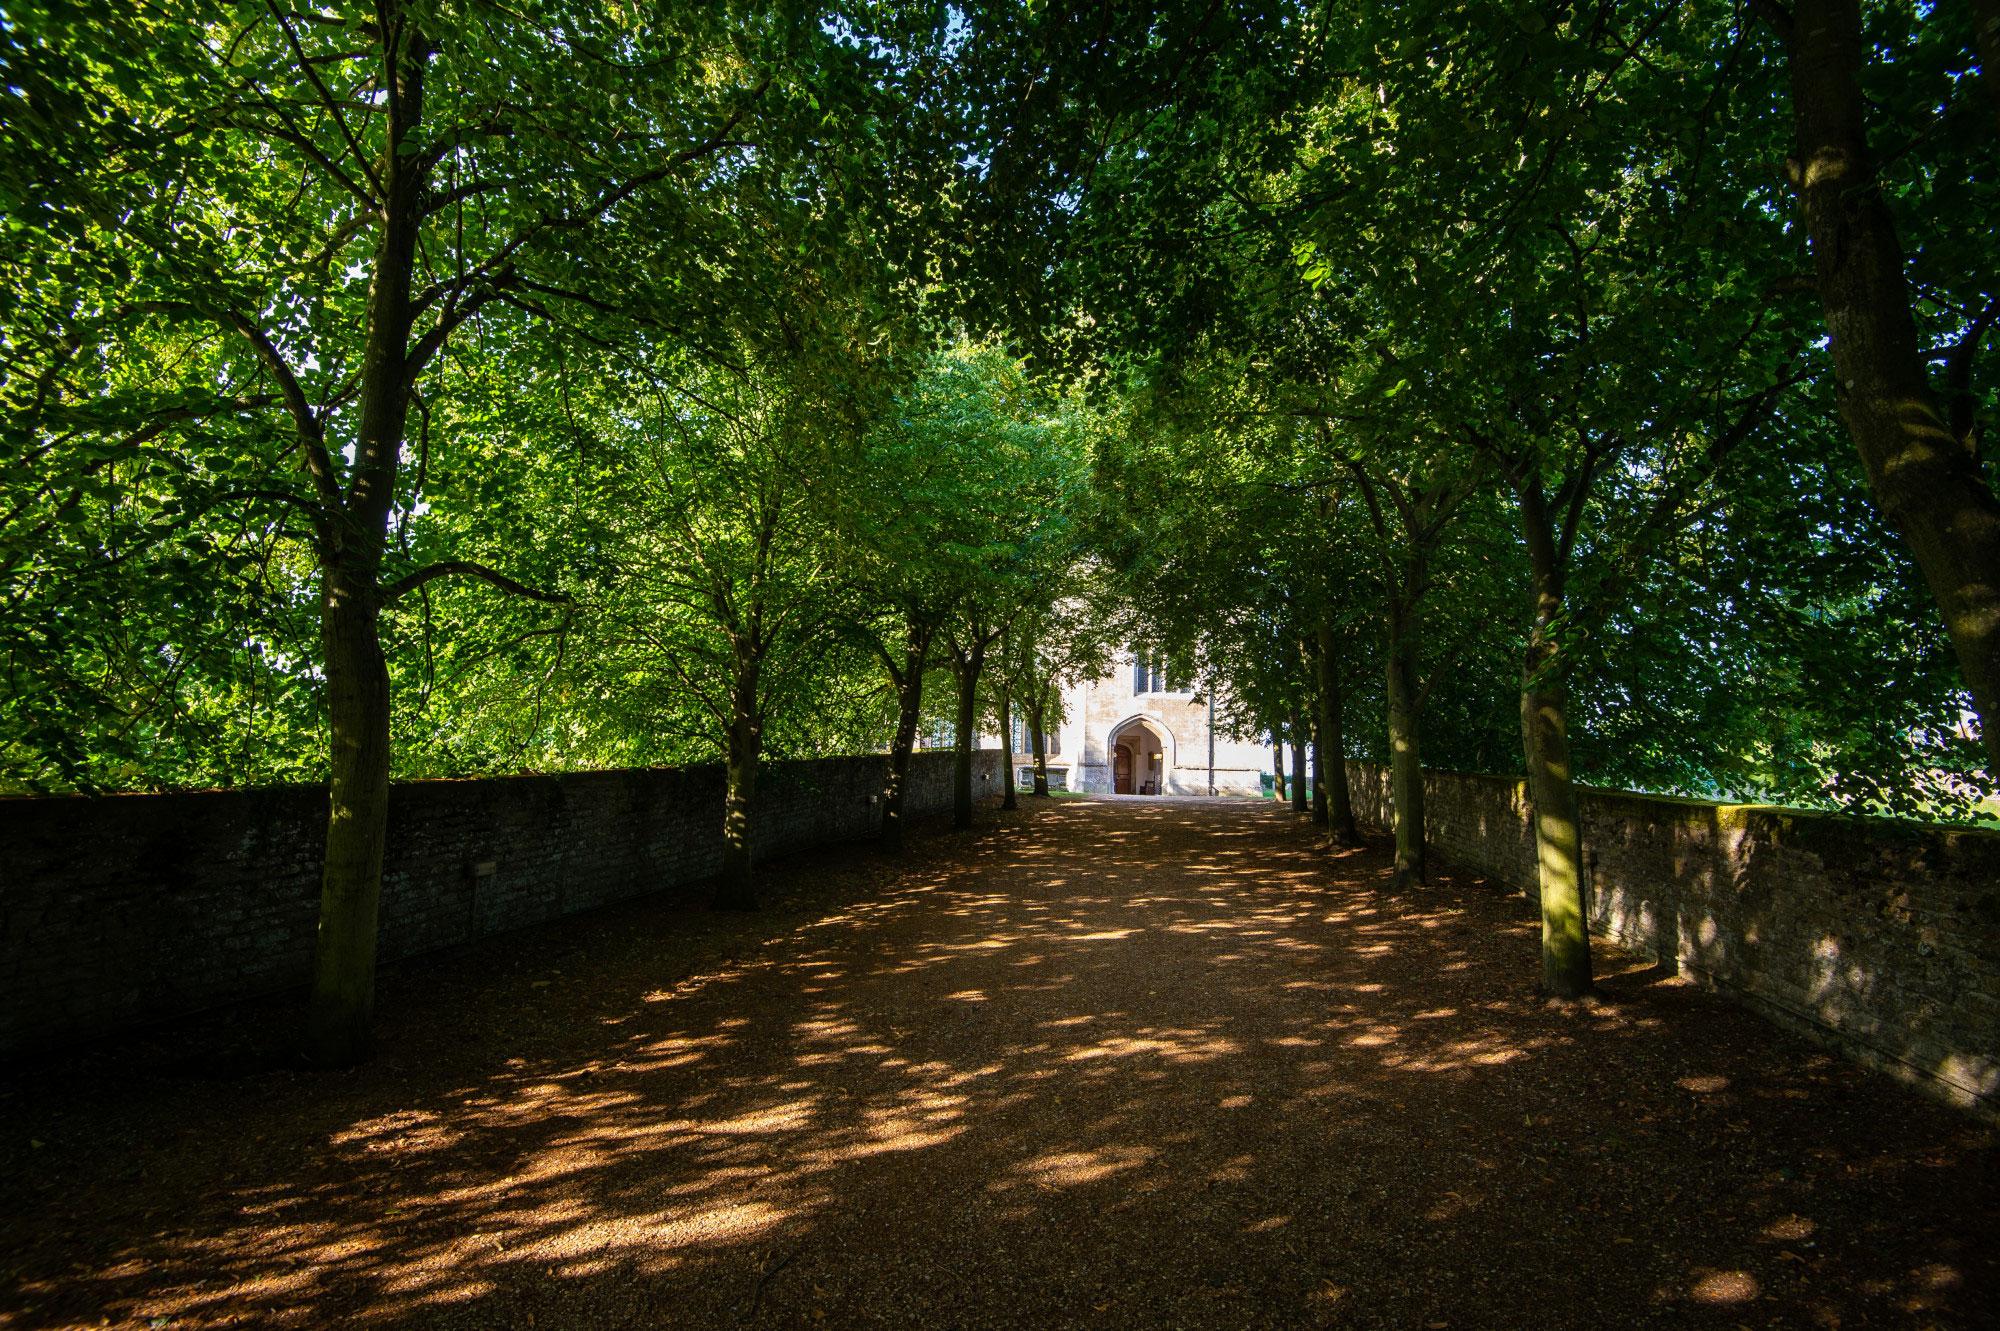 Forthinghay Church door pathway